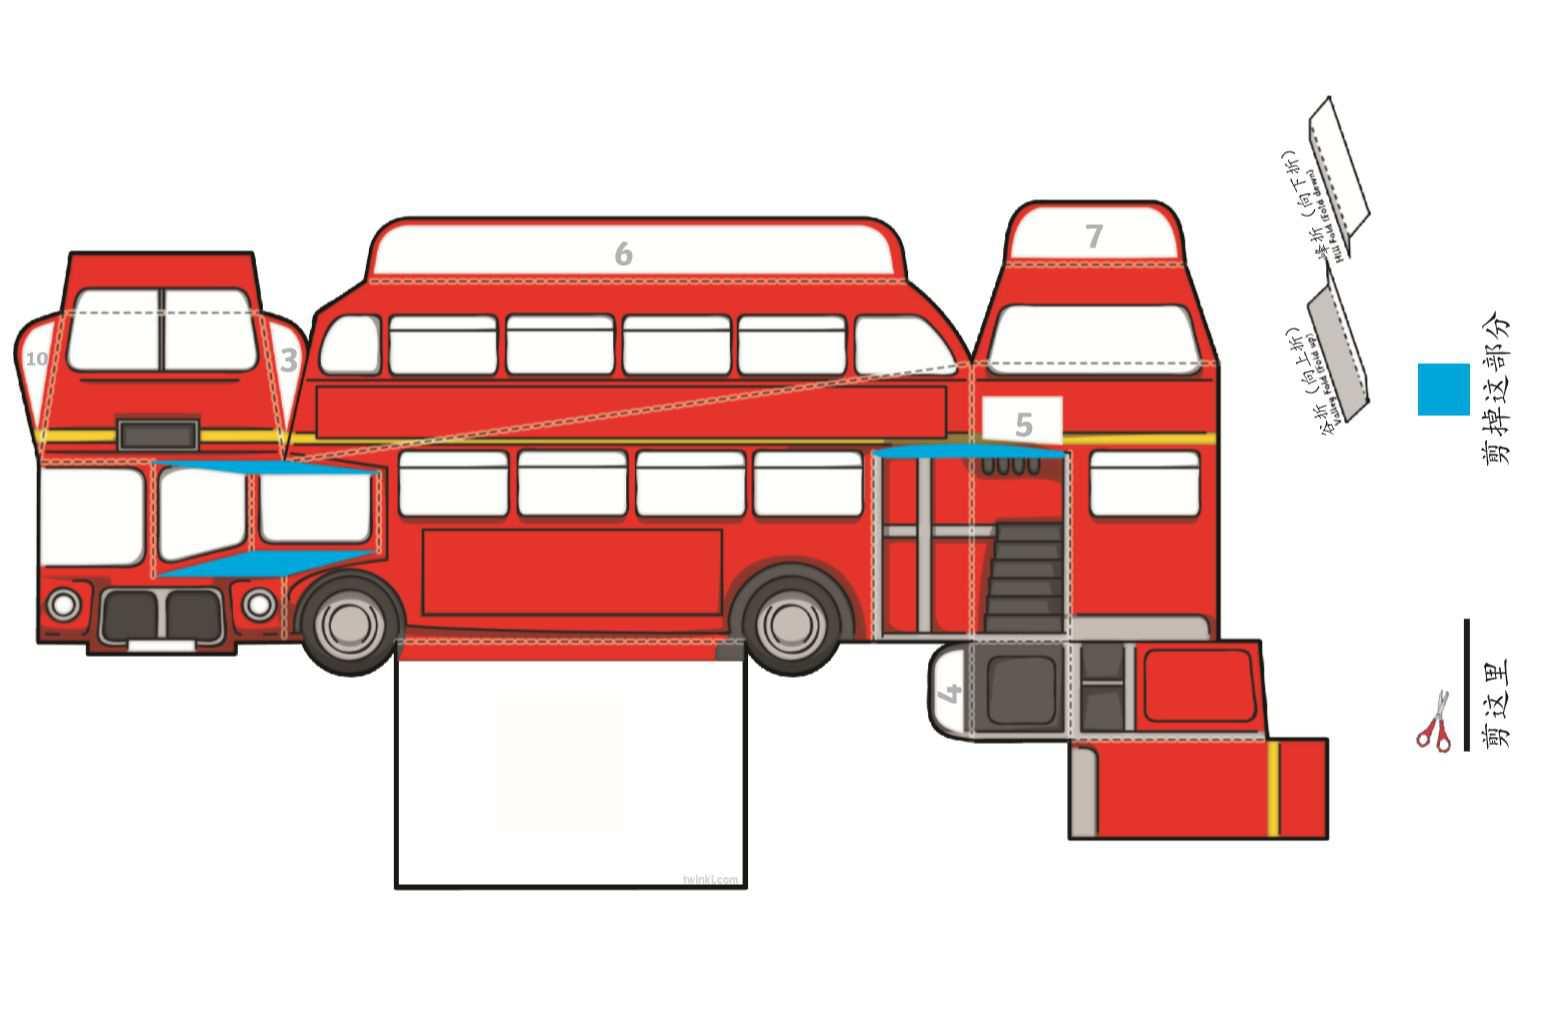 Twinkl-小学高年级-艺术-伦敦巴士折纸模型